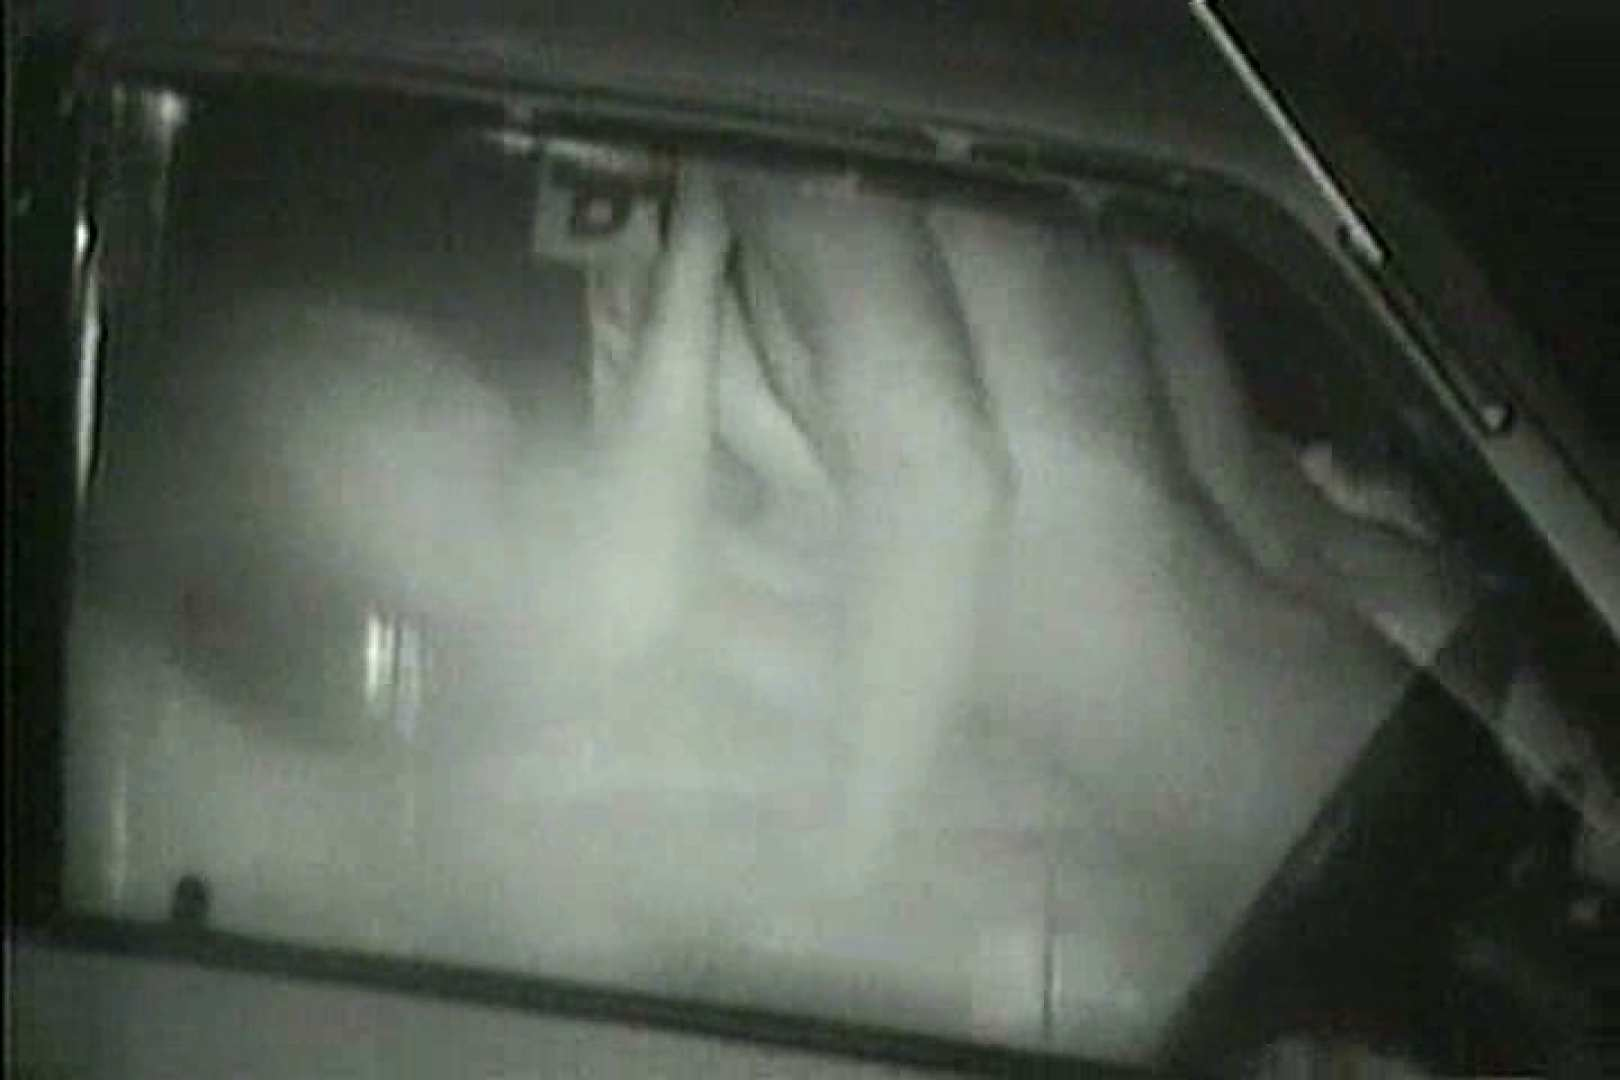 車の中はラブホテル 無修正版  Vol.10 カーセックス AV動画キャプチャ 87pic 47